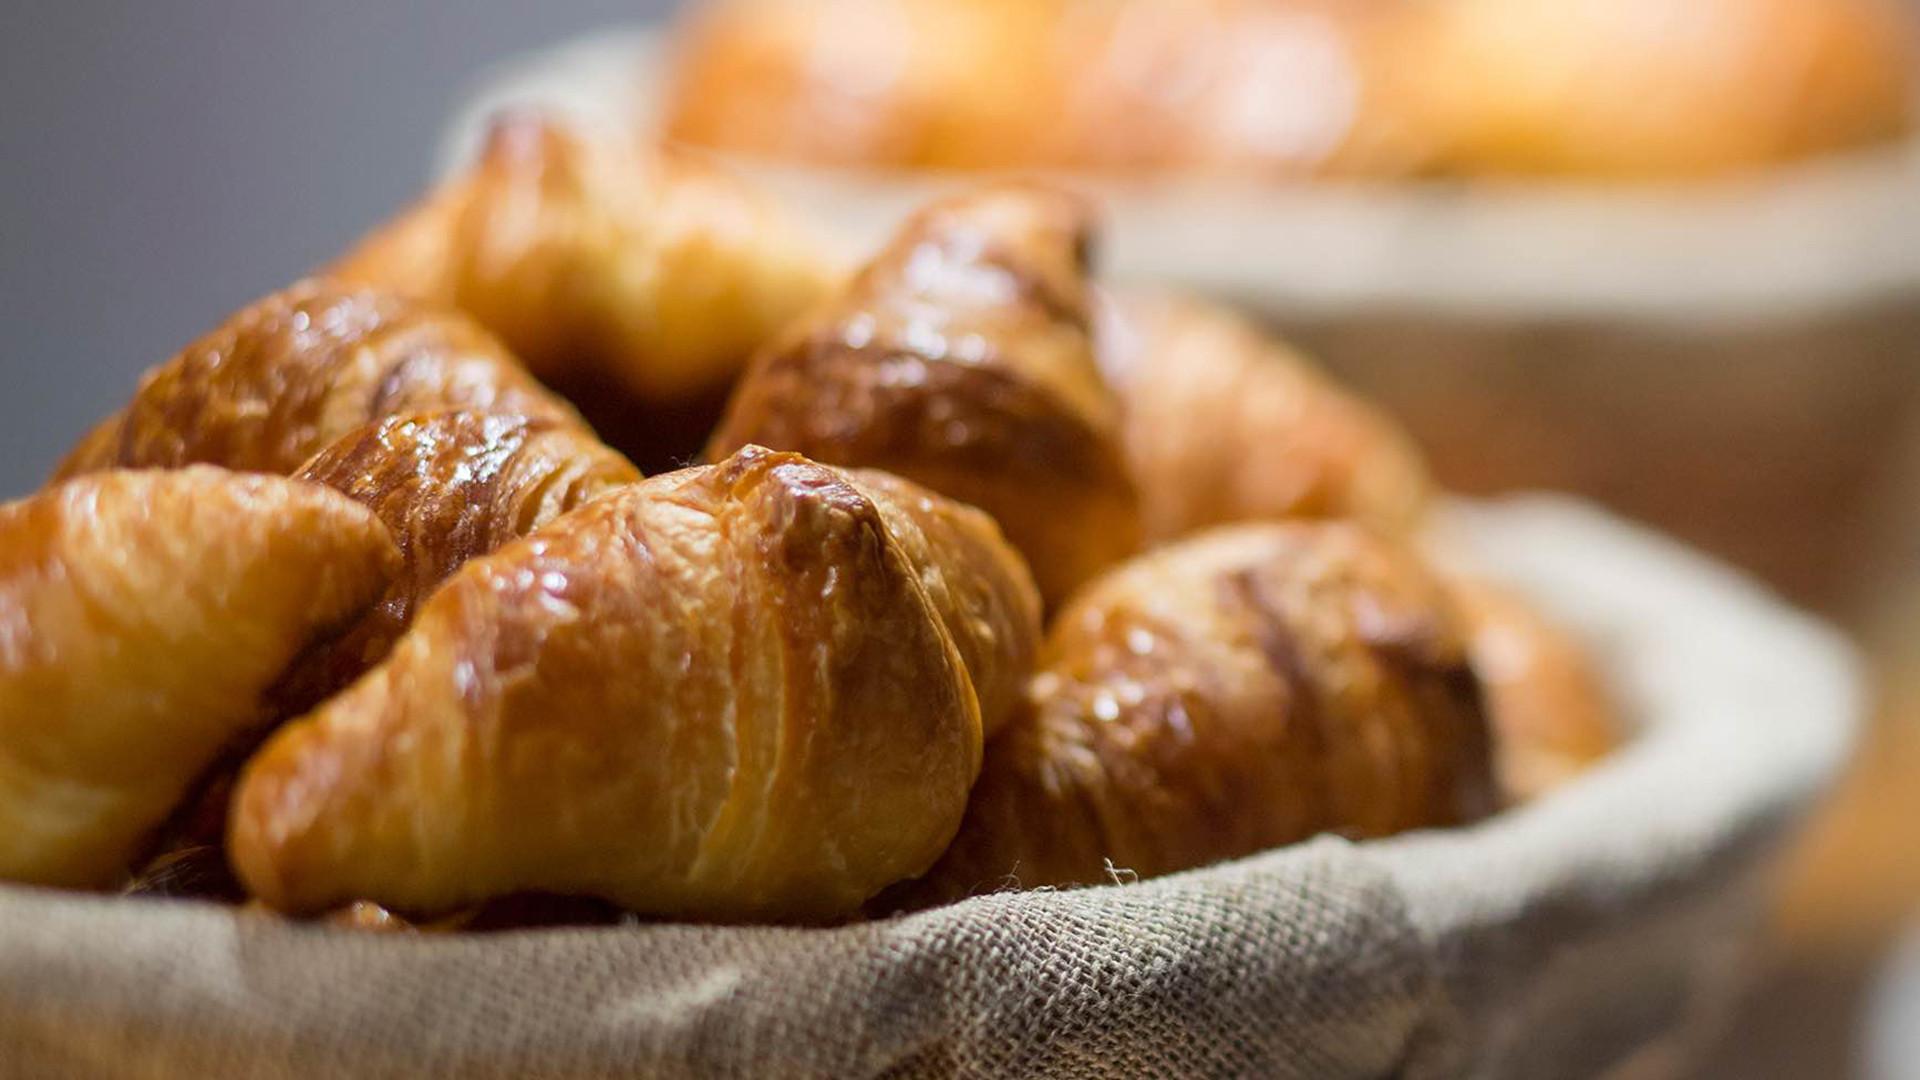 PAUL croissant